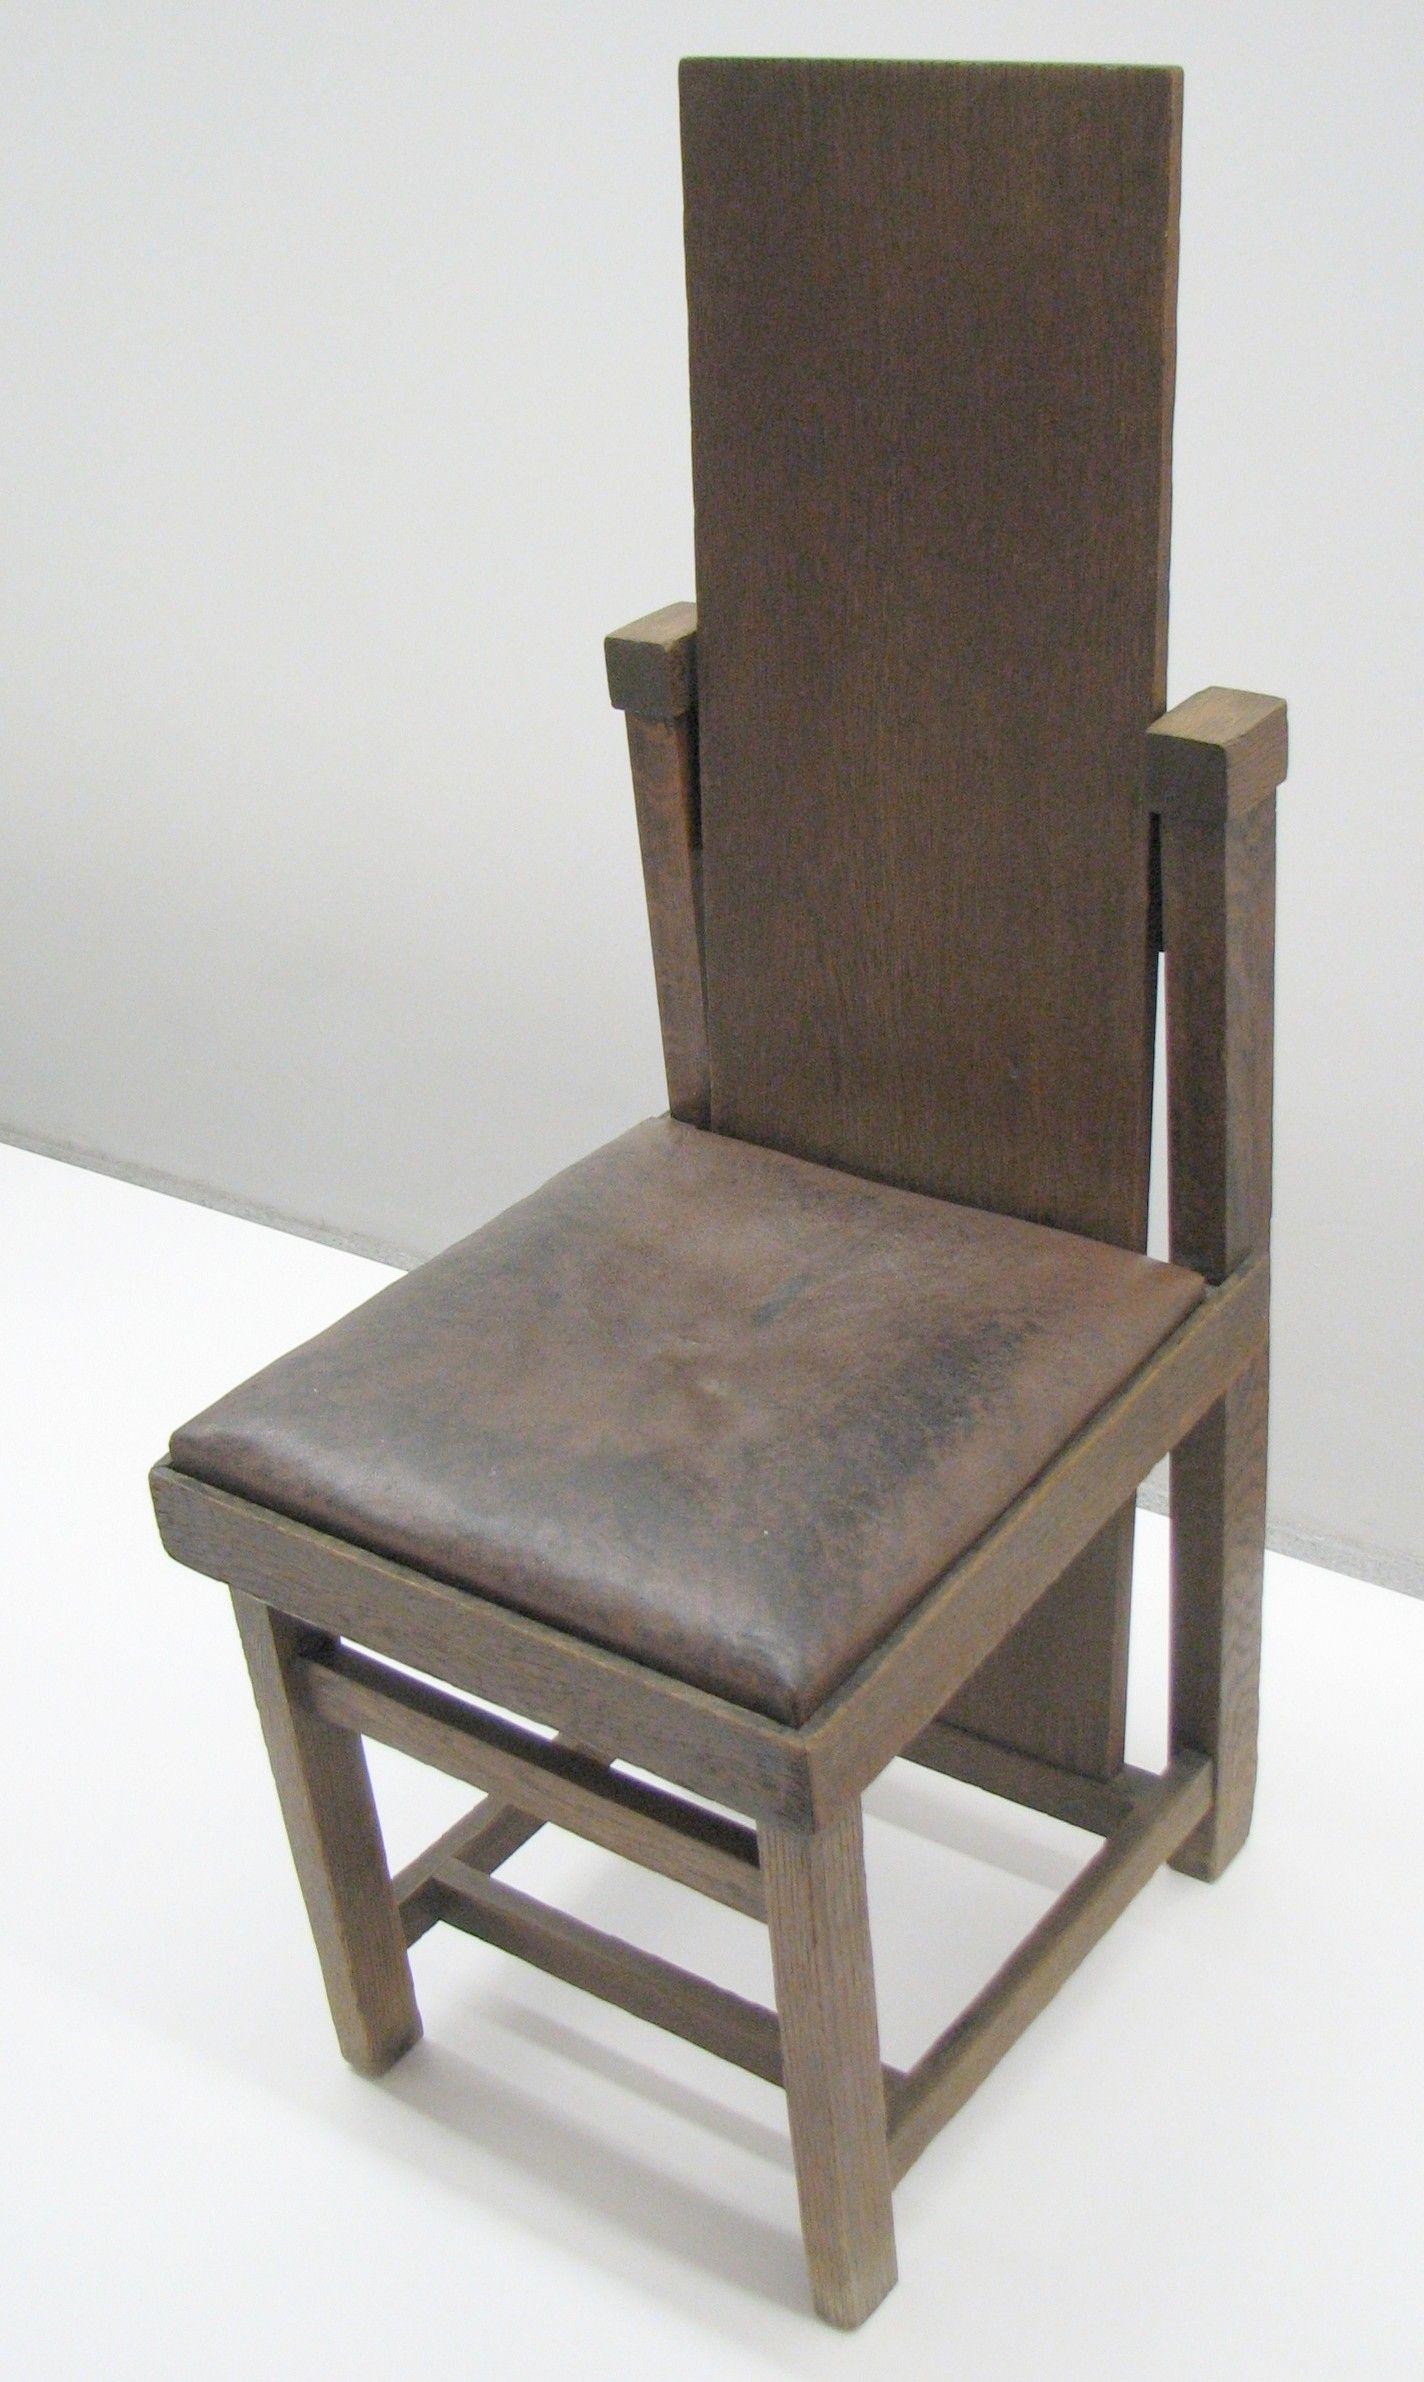 Frank Lloyd Wright Dining Chair Samara   Google Search